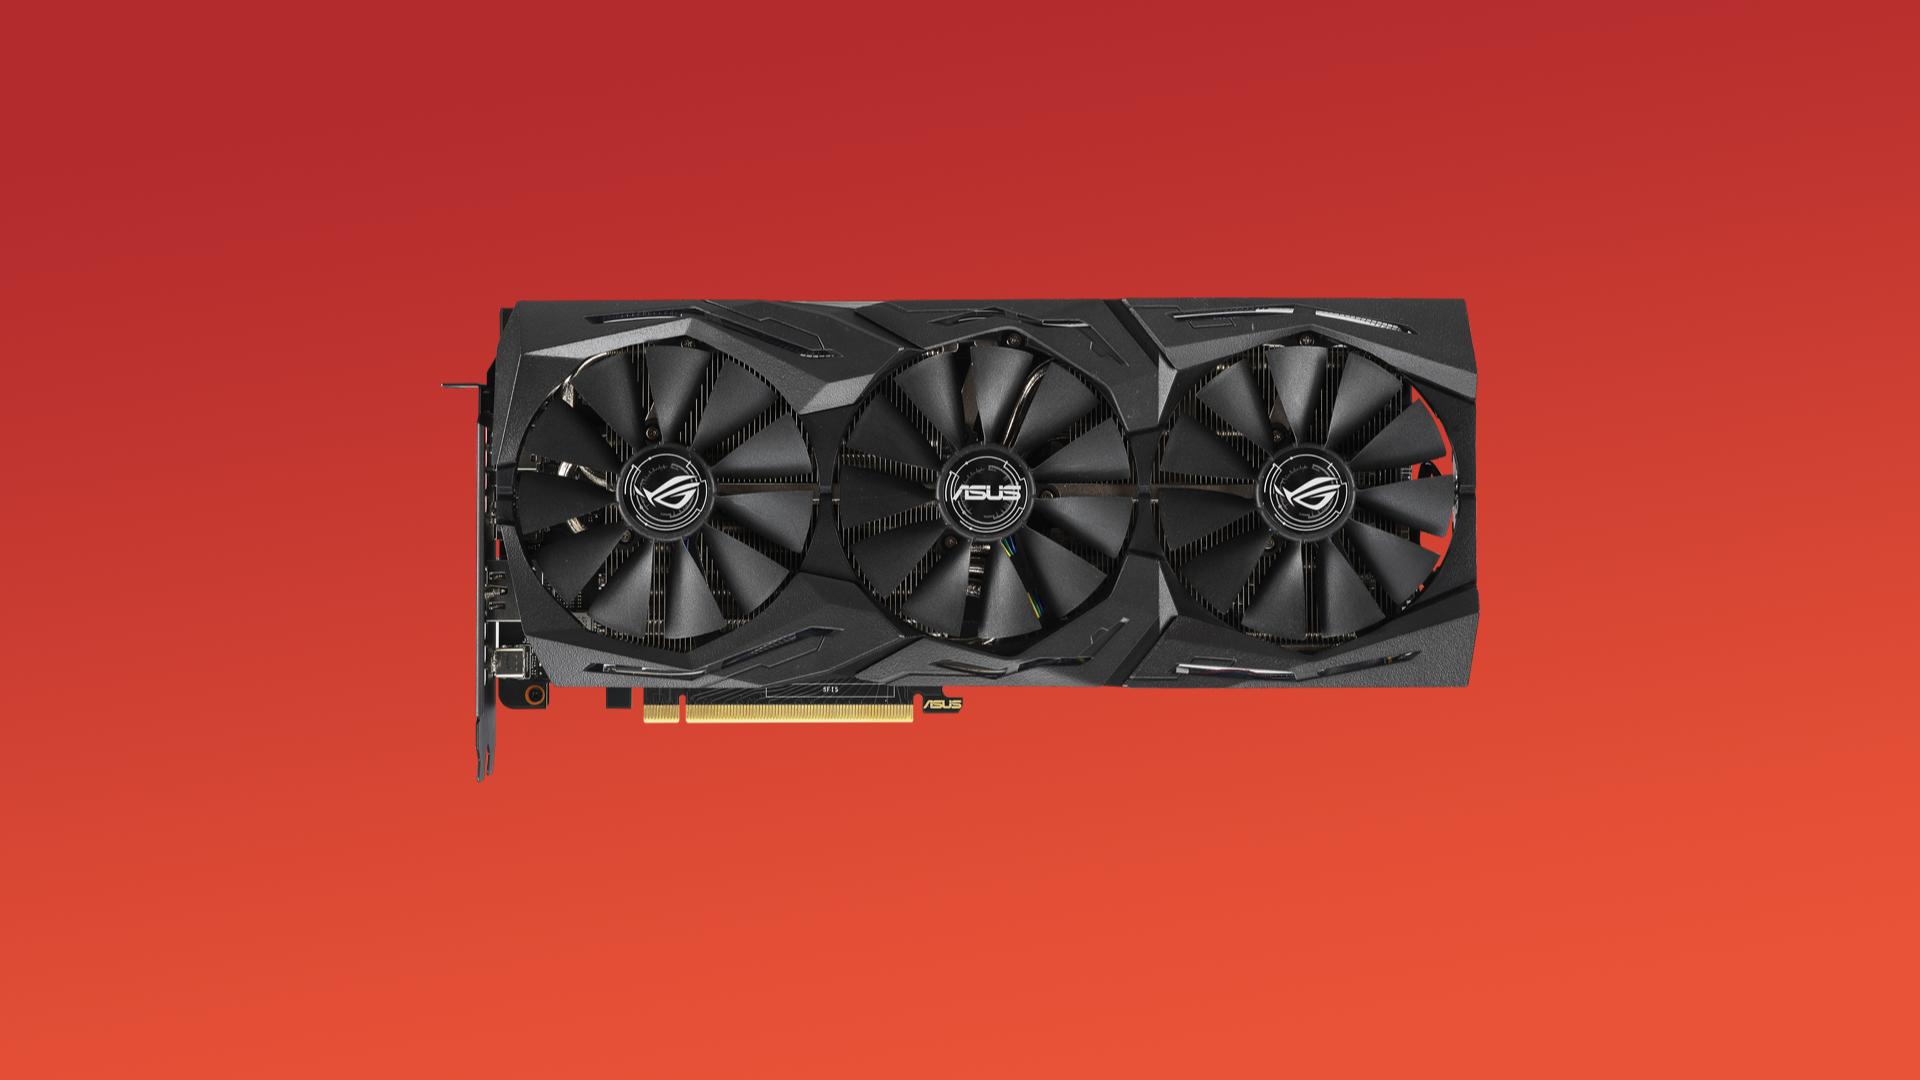 Le Deal du Jour : moins de 400 euros pour l'excellent GPU GeForce RTX 2070